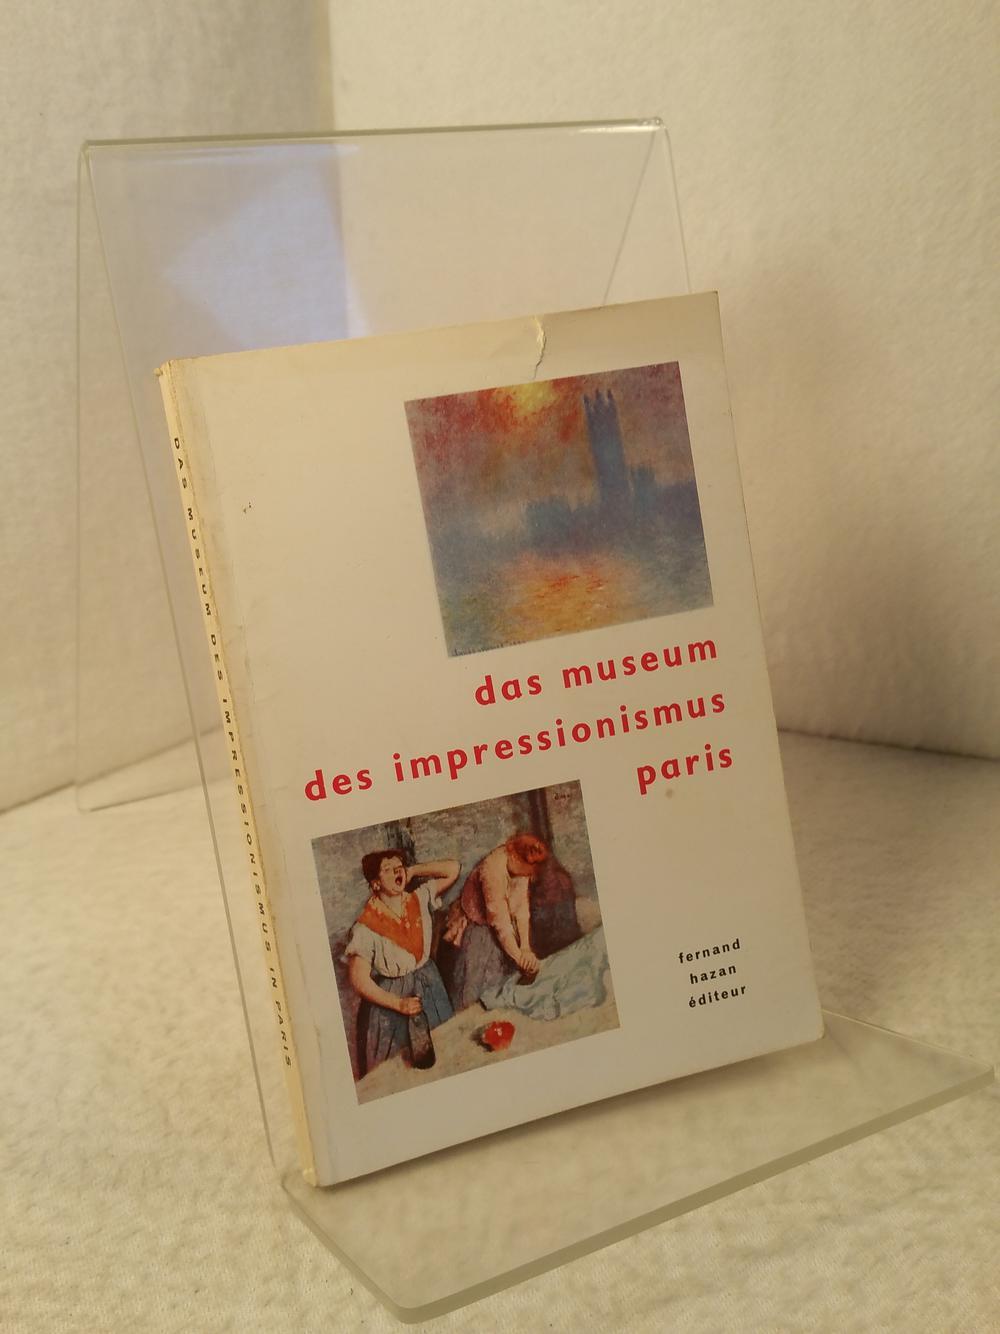 Das Museum Des Impressionismus Paris Einleitung von: Hazan, Fernand: